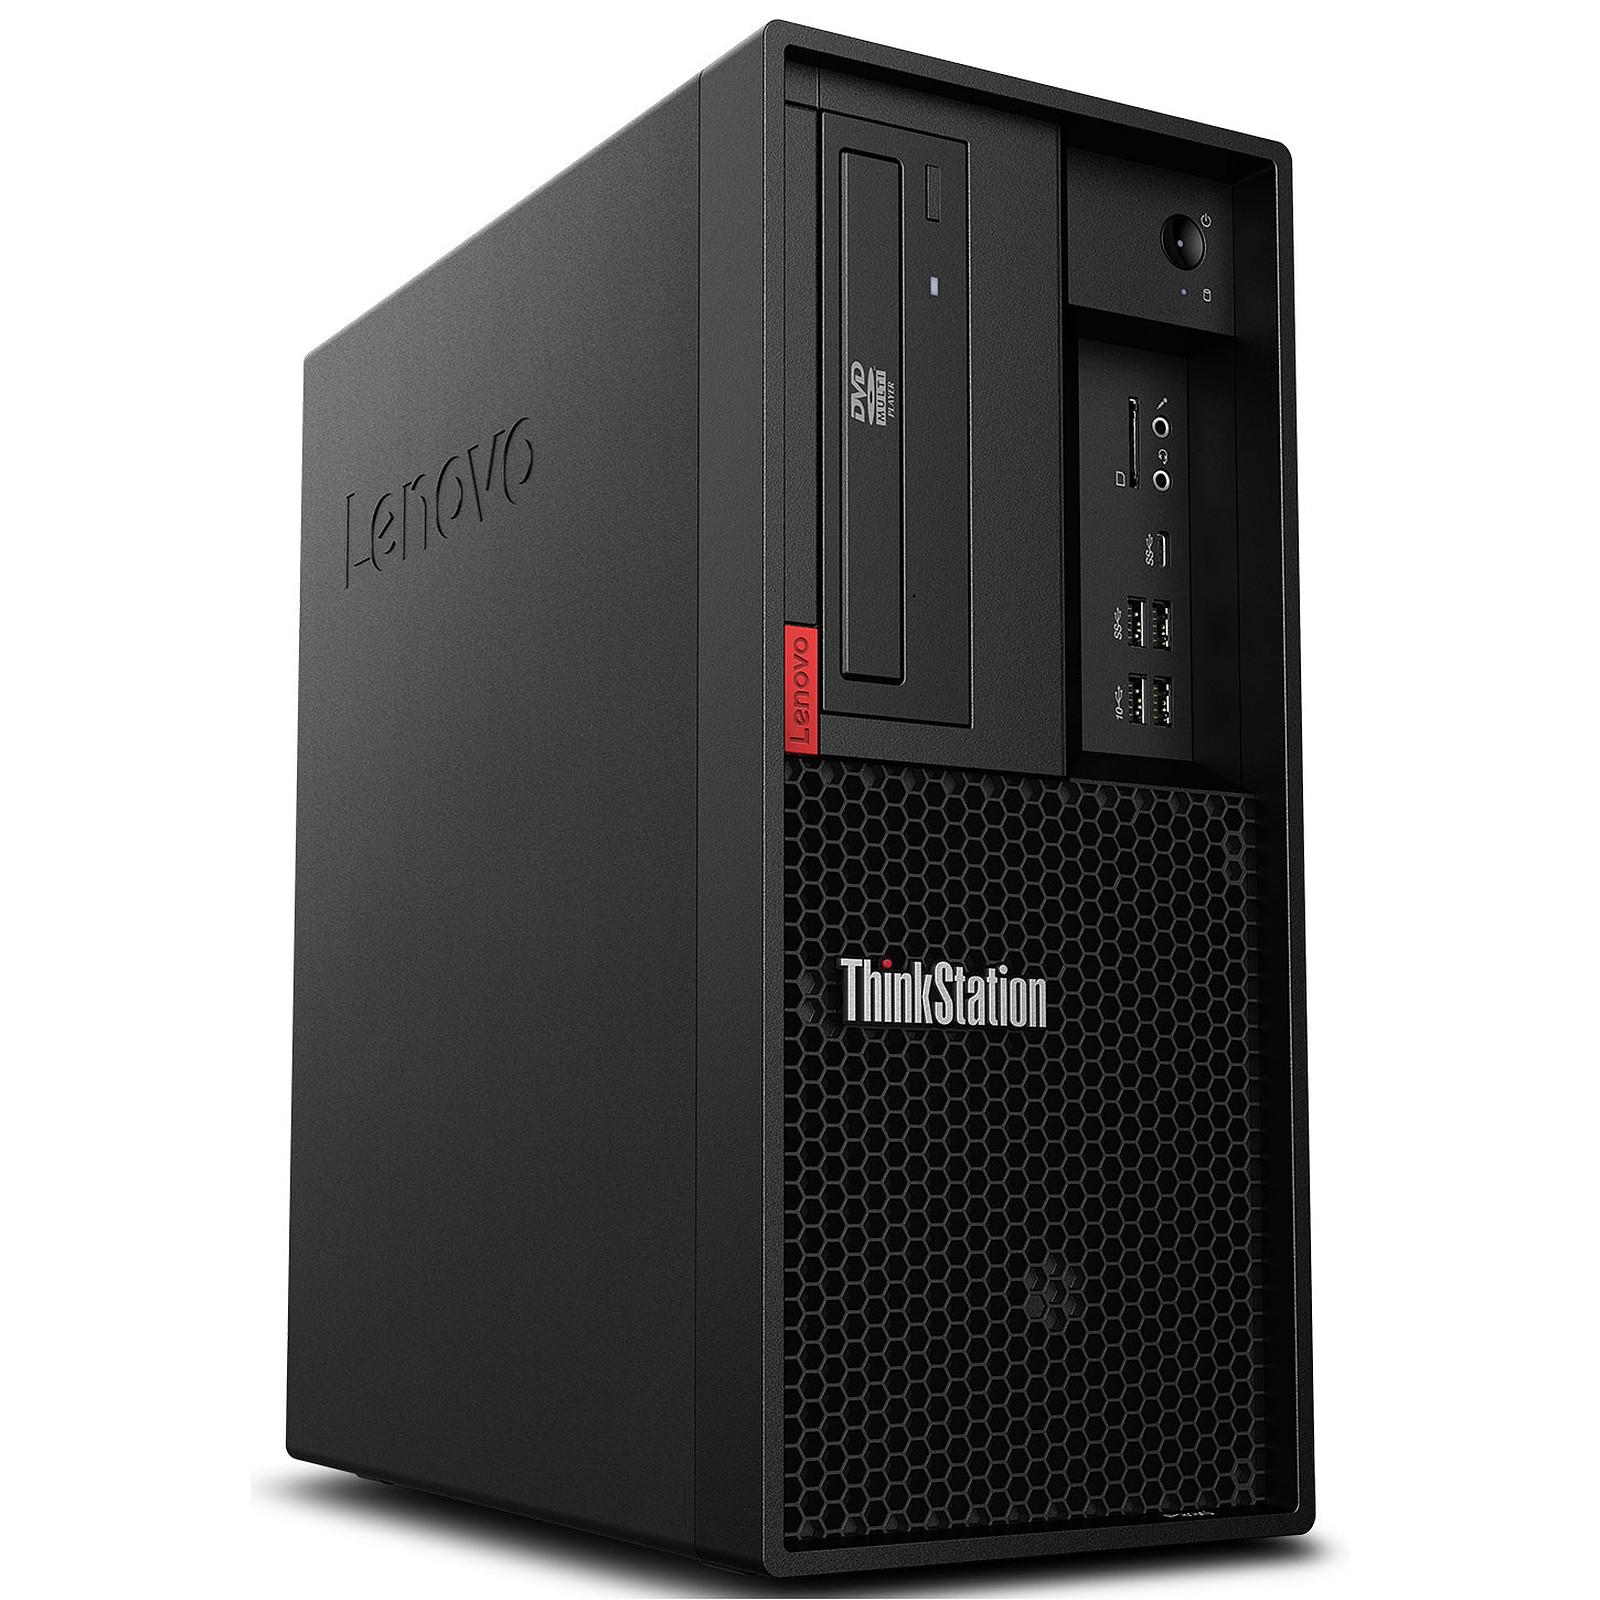 Lenovo ThinkStation P330 (30C5003CFR)